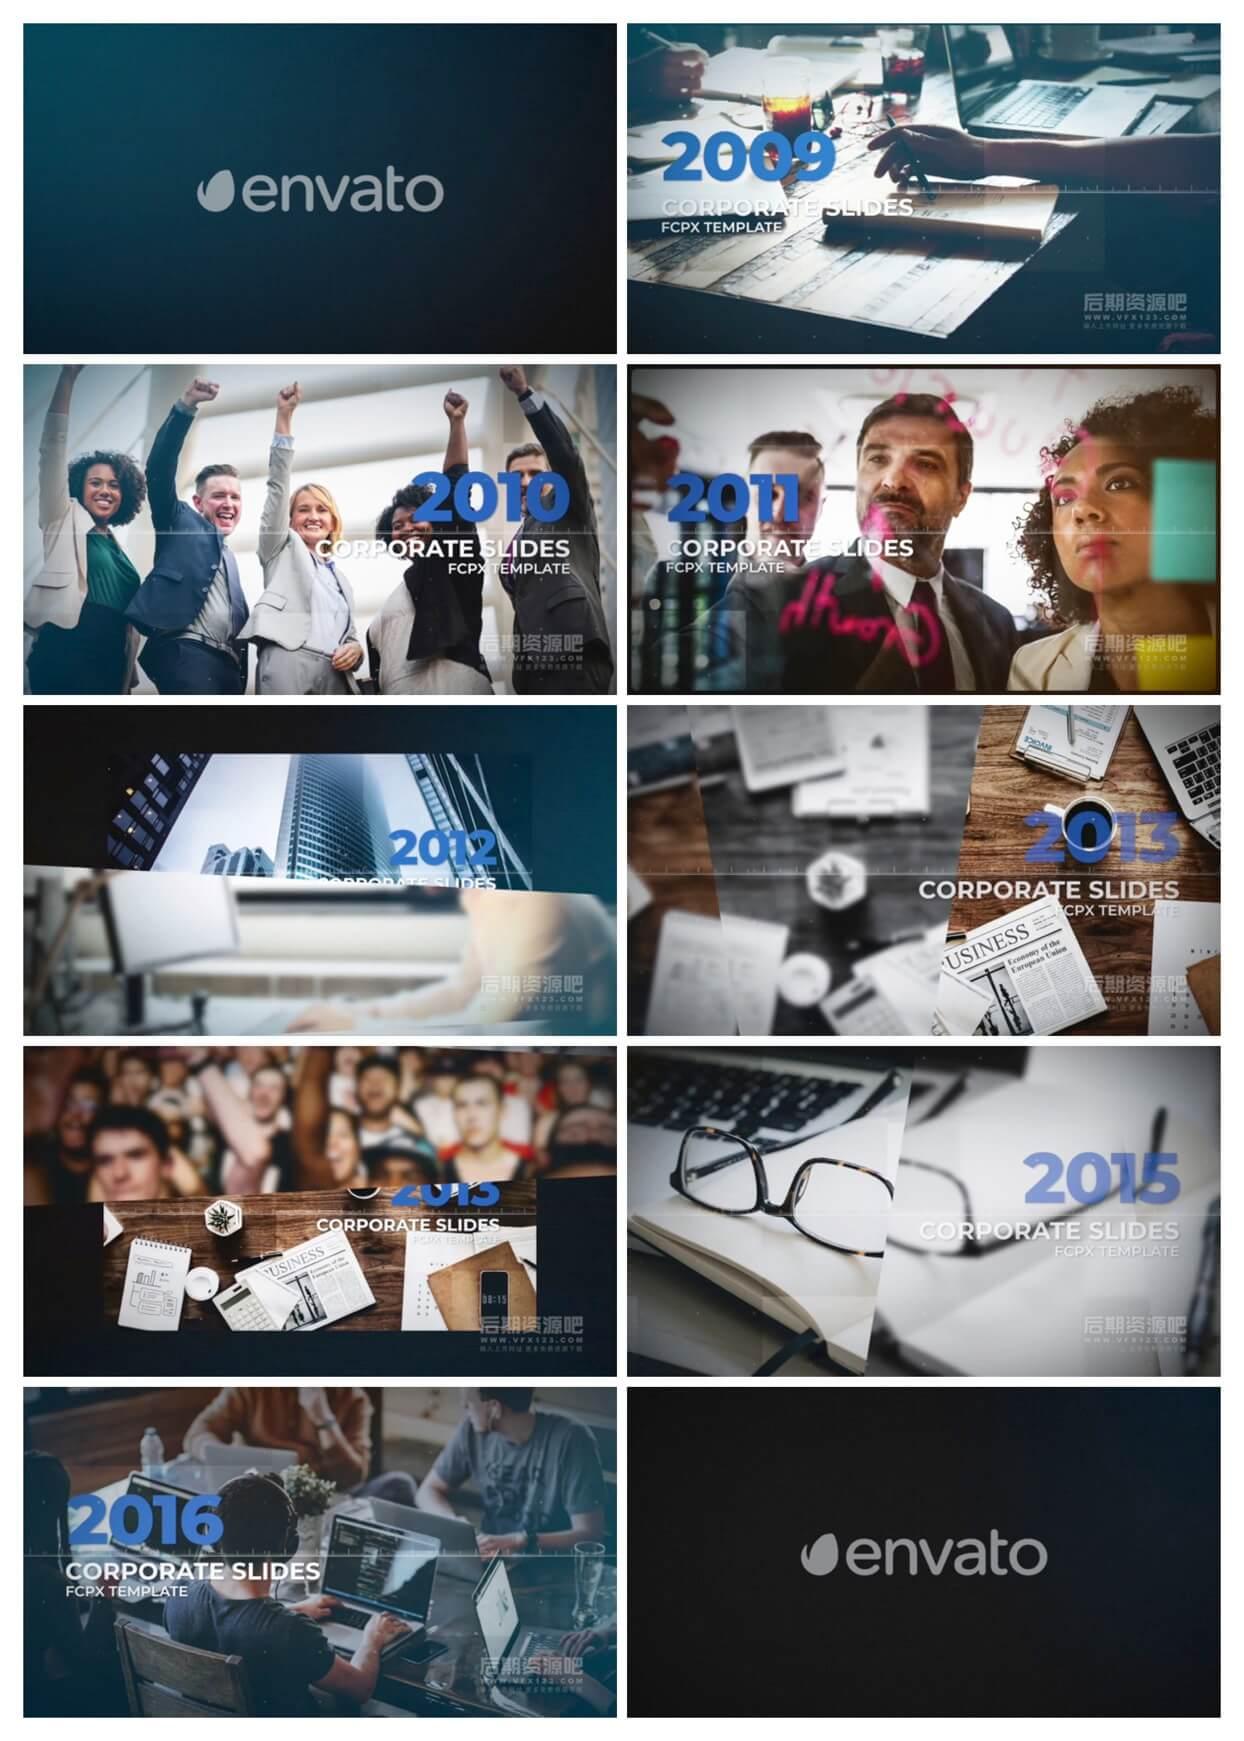 fcpx插件 公司企业发展历程时间轴图文展示模板 Corporate Timeline Slides